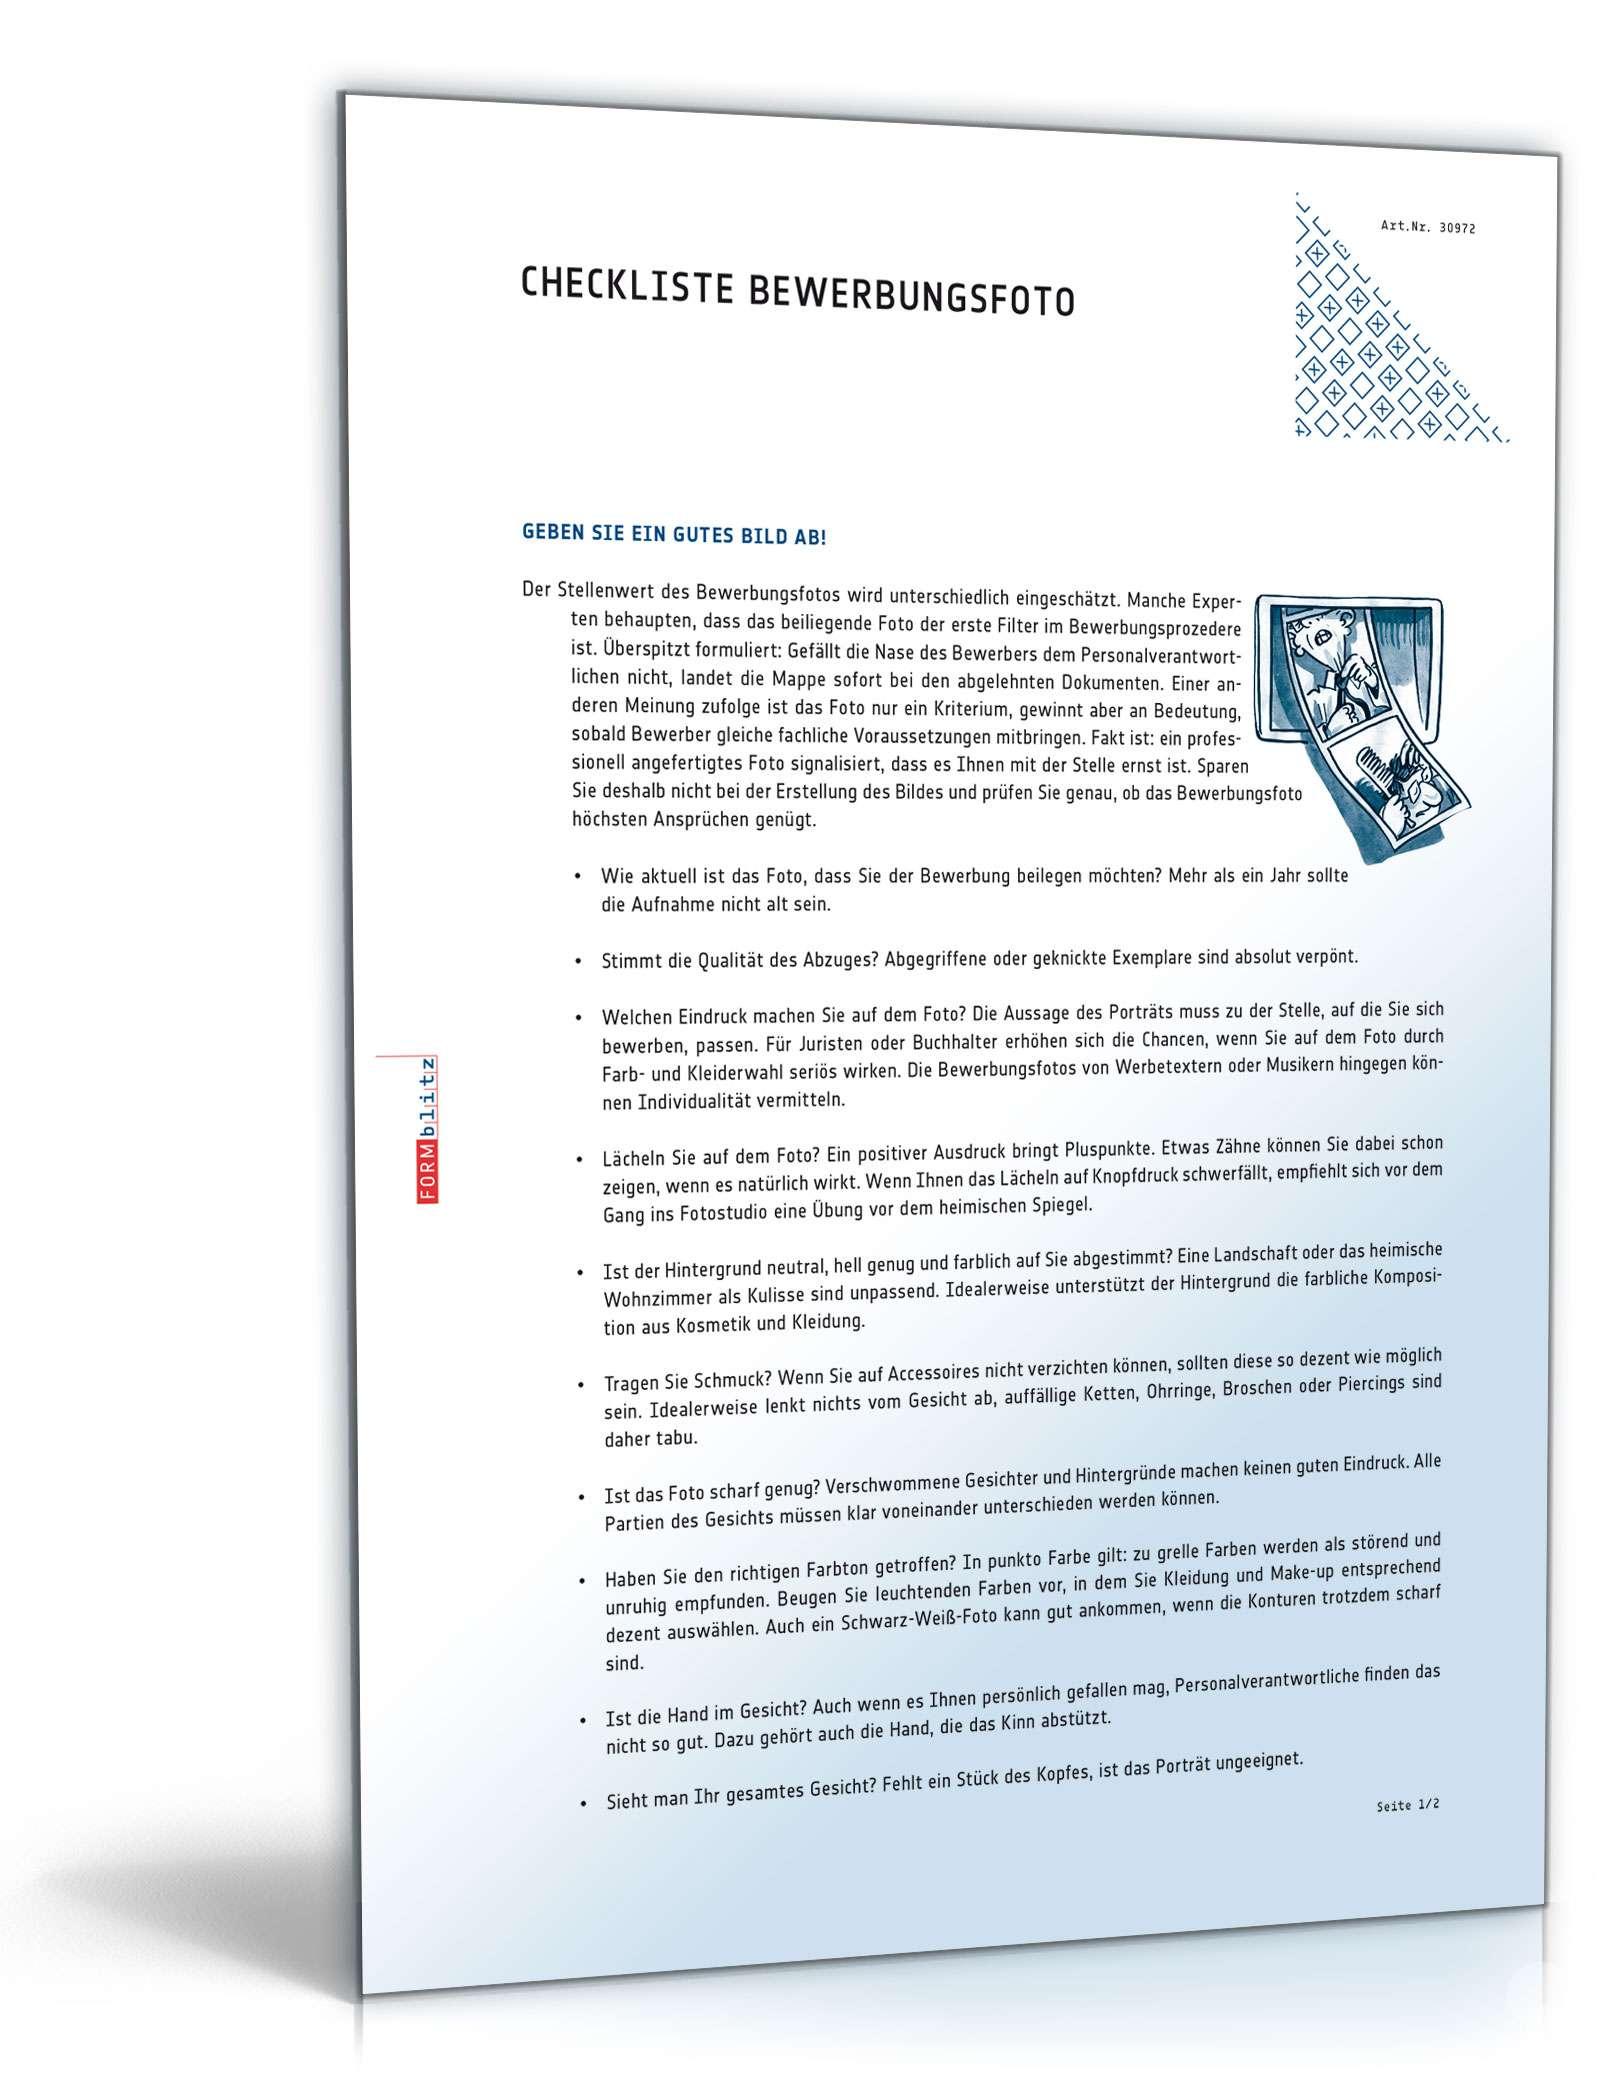 Checkliste Bewerbungsfoto Dokument zum Download